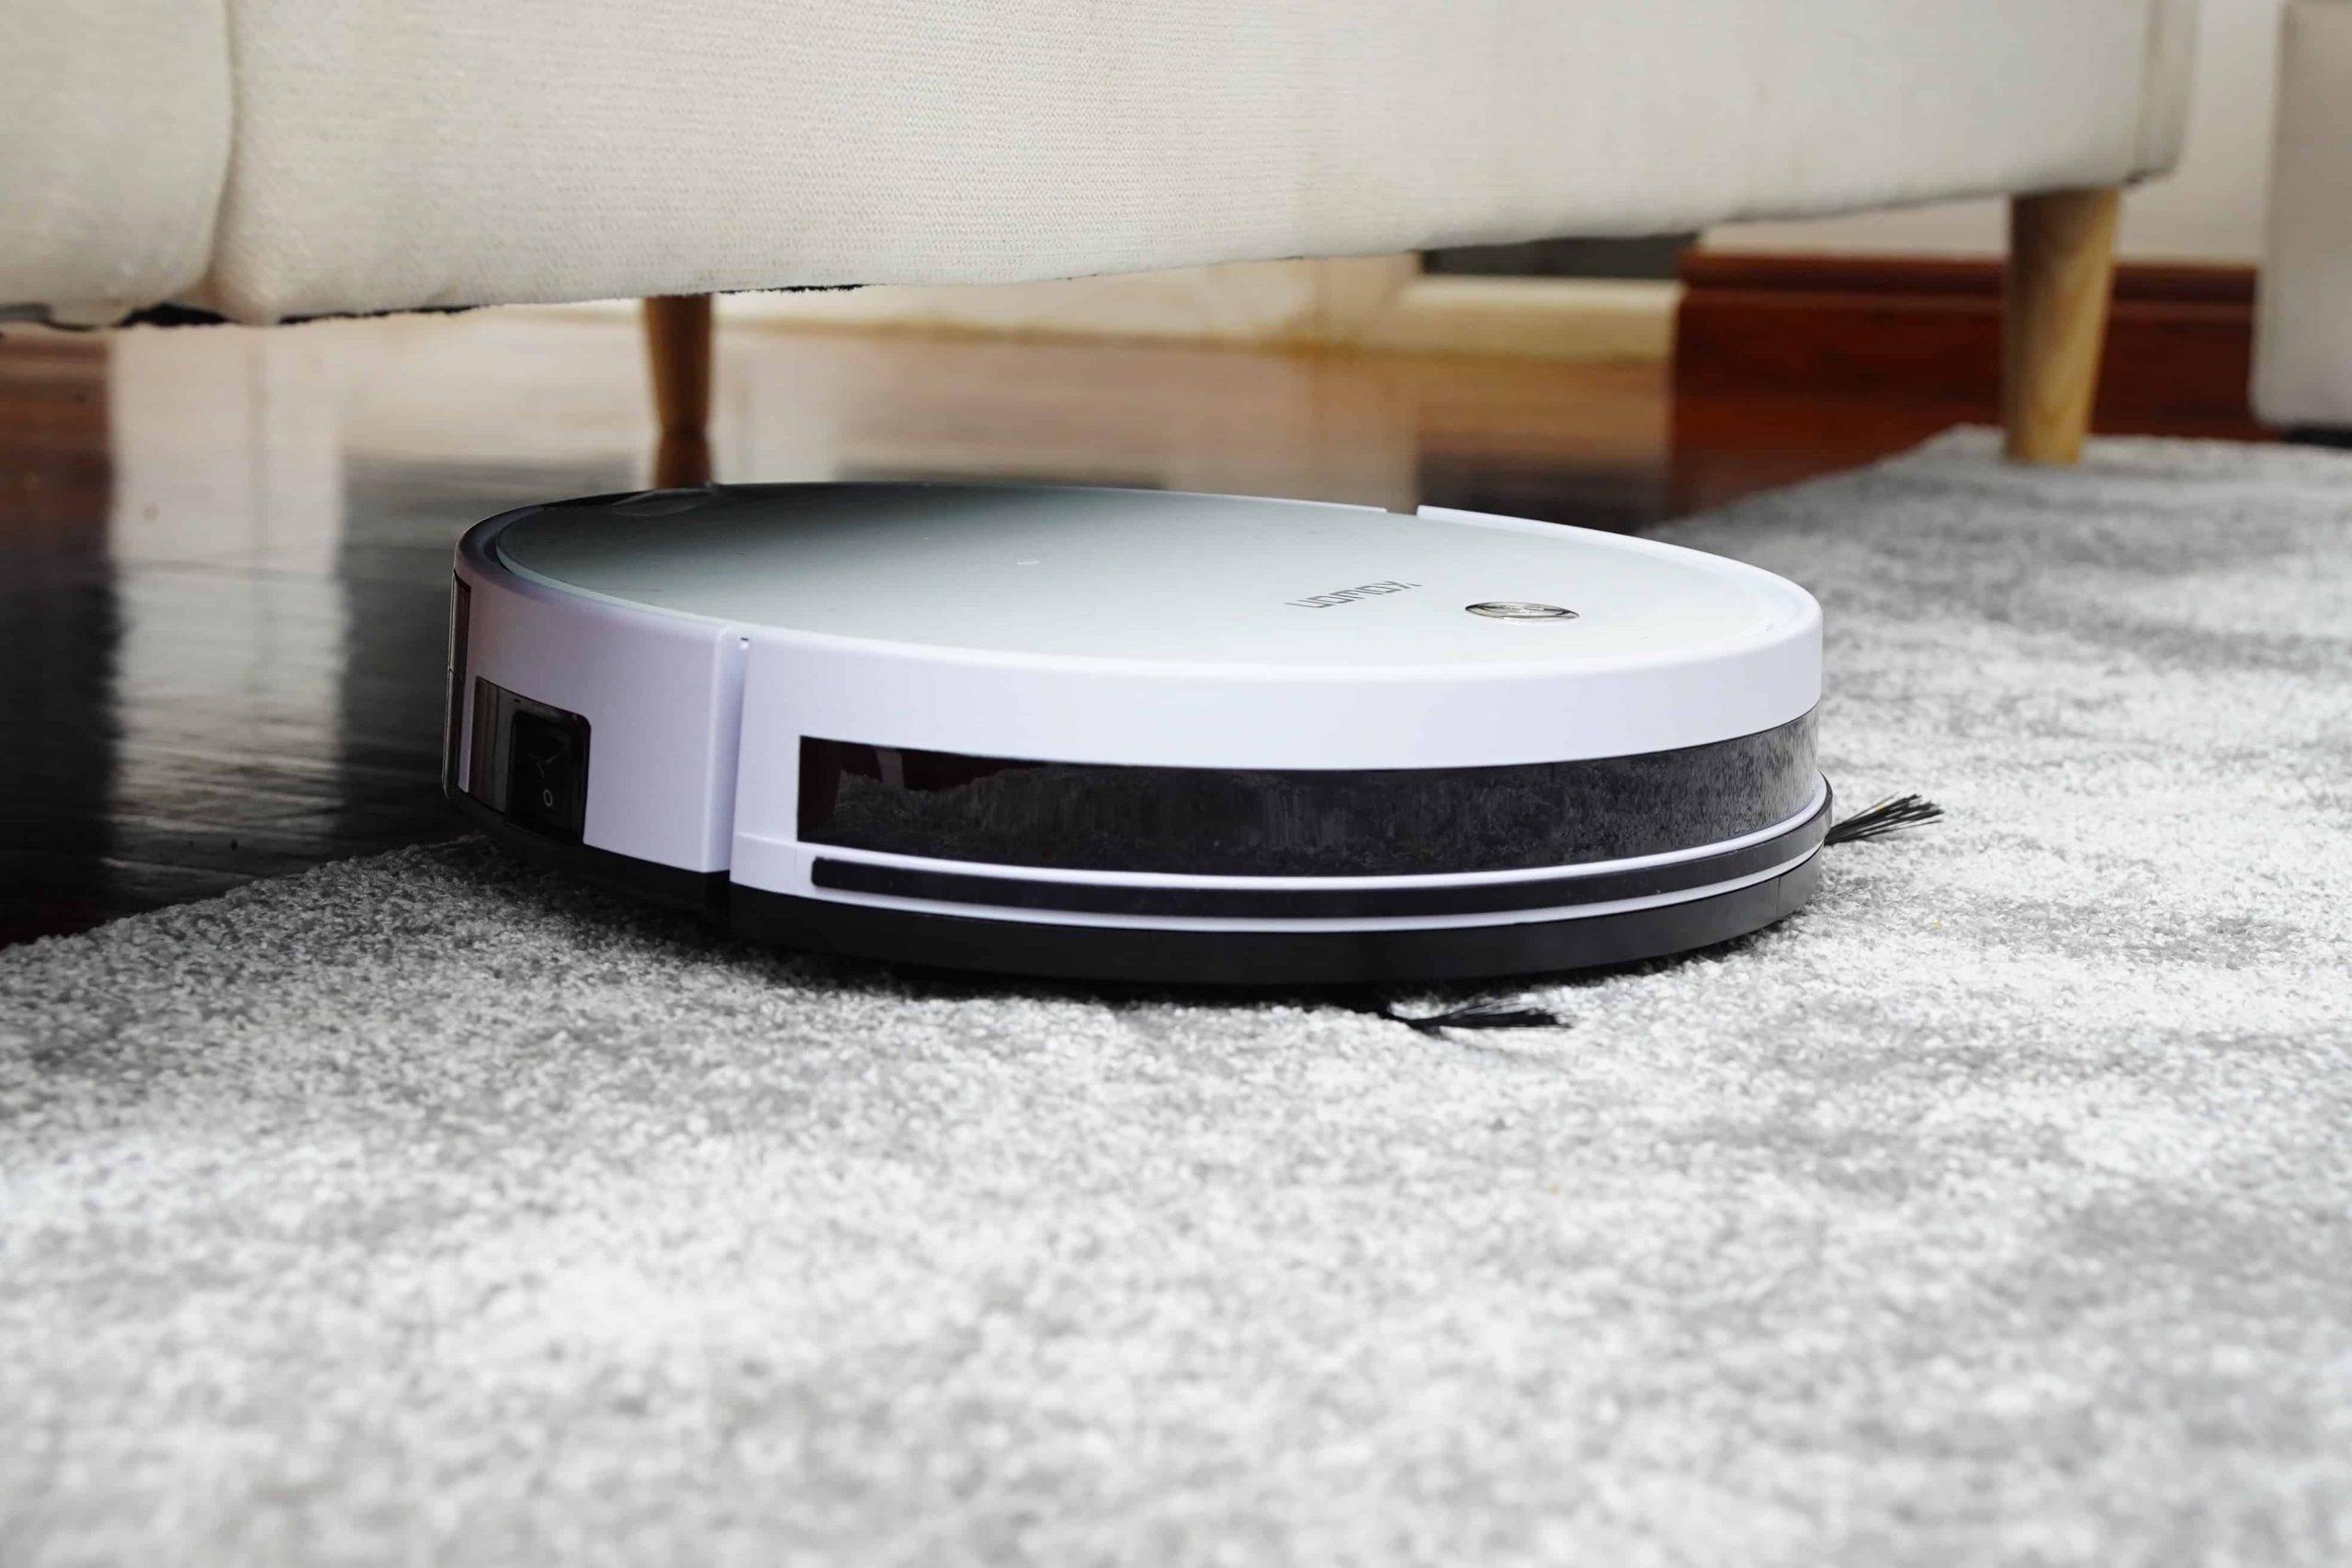 Staubsauger Roboter: Test & Empfehlungen (03/21)